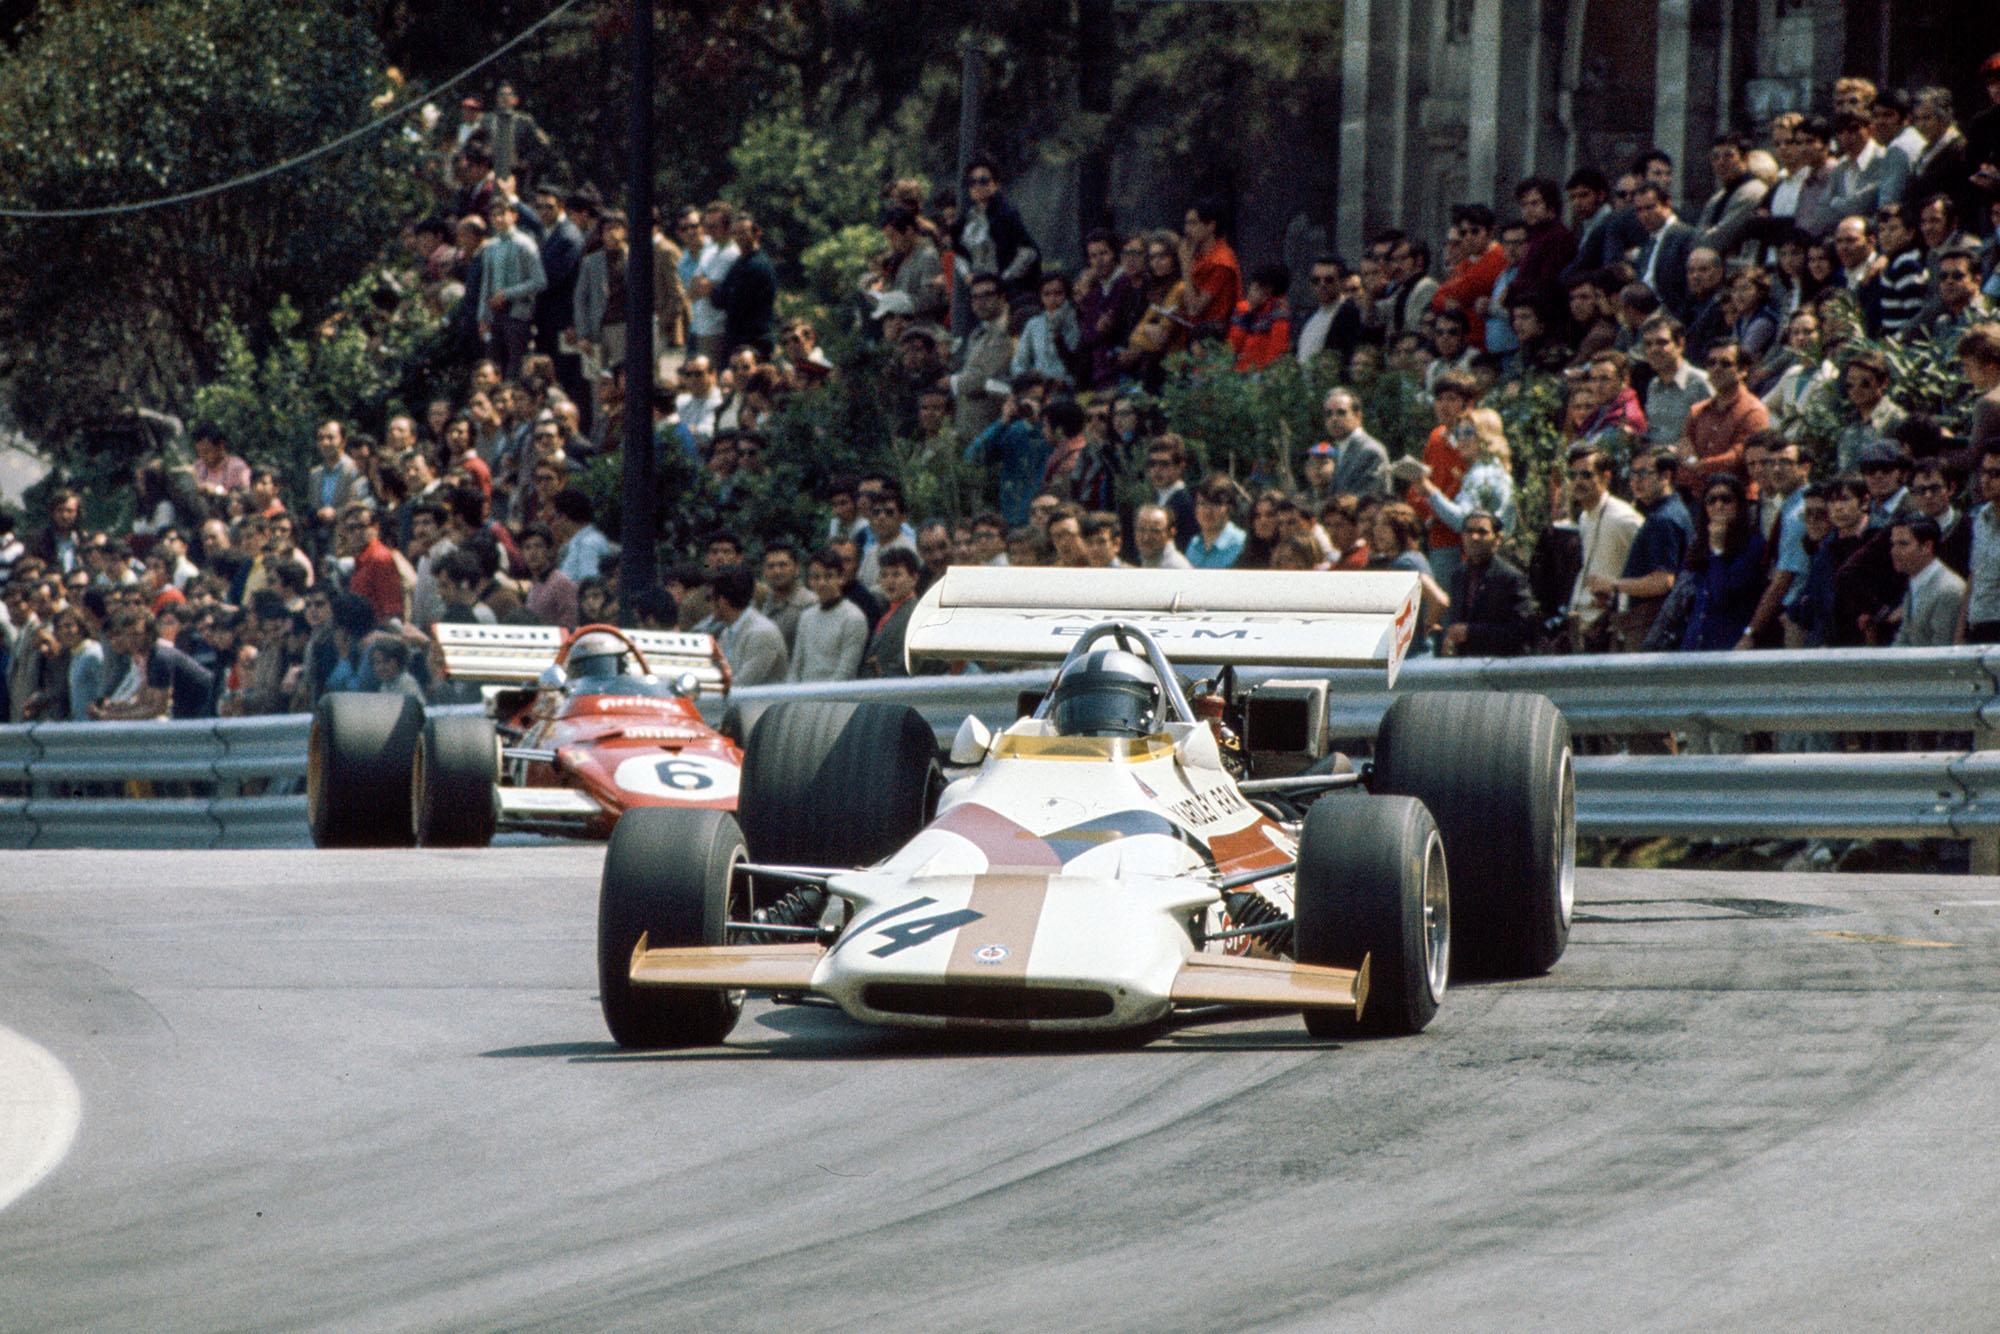 BRM's Pedro Rodriguez leads the Ferrari of Mario Andretti